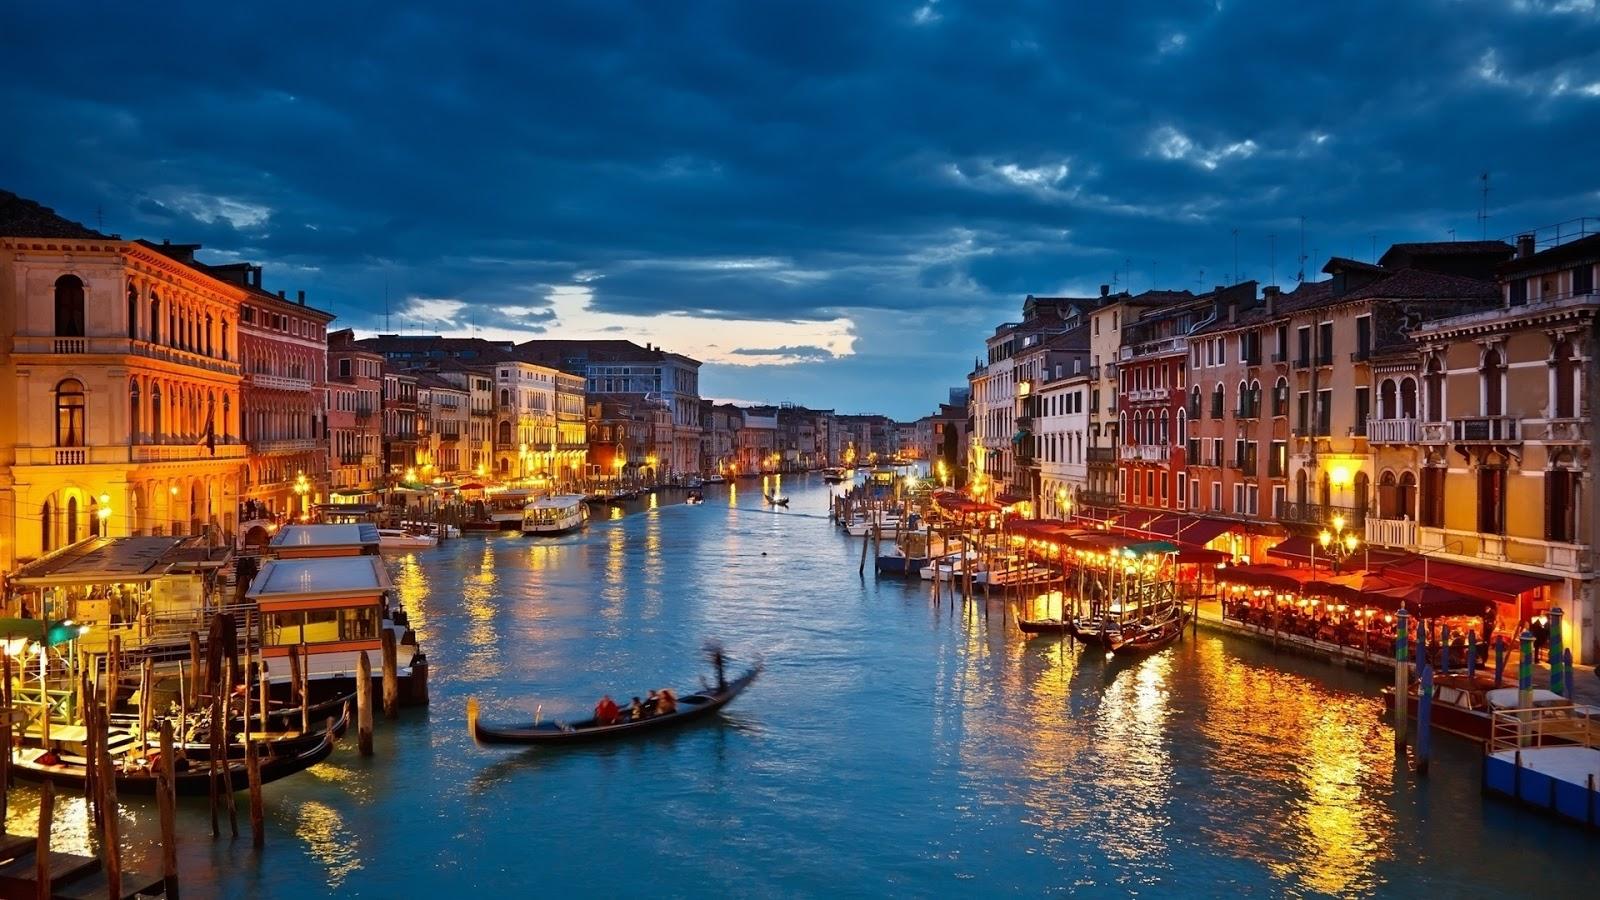 Turismo en Venecia - Gran Canal de Venecia